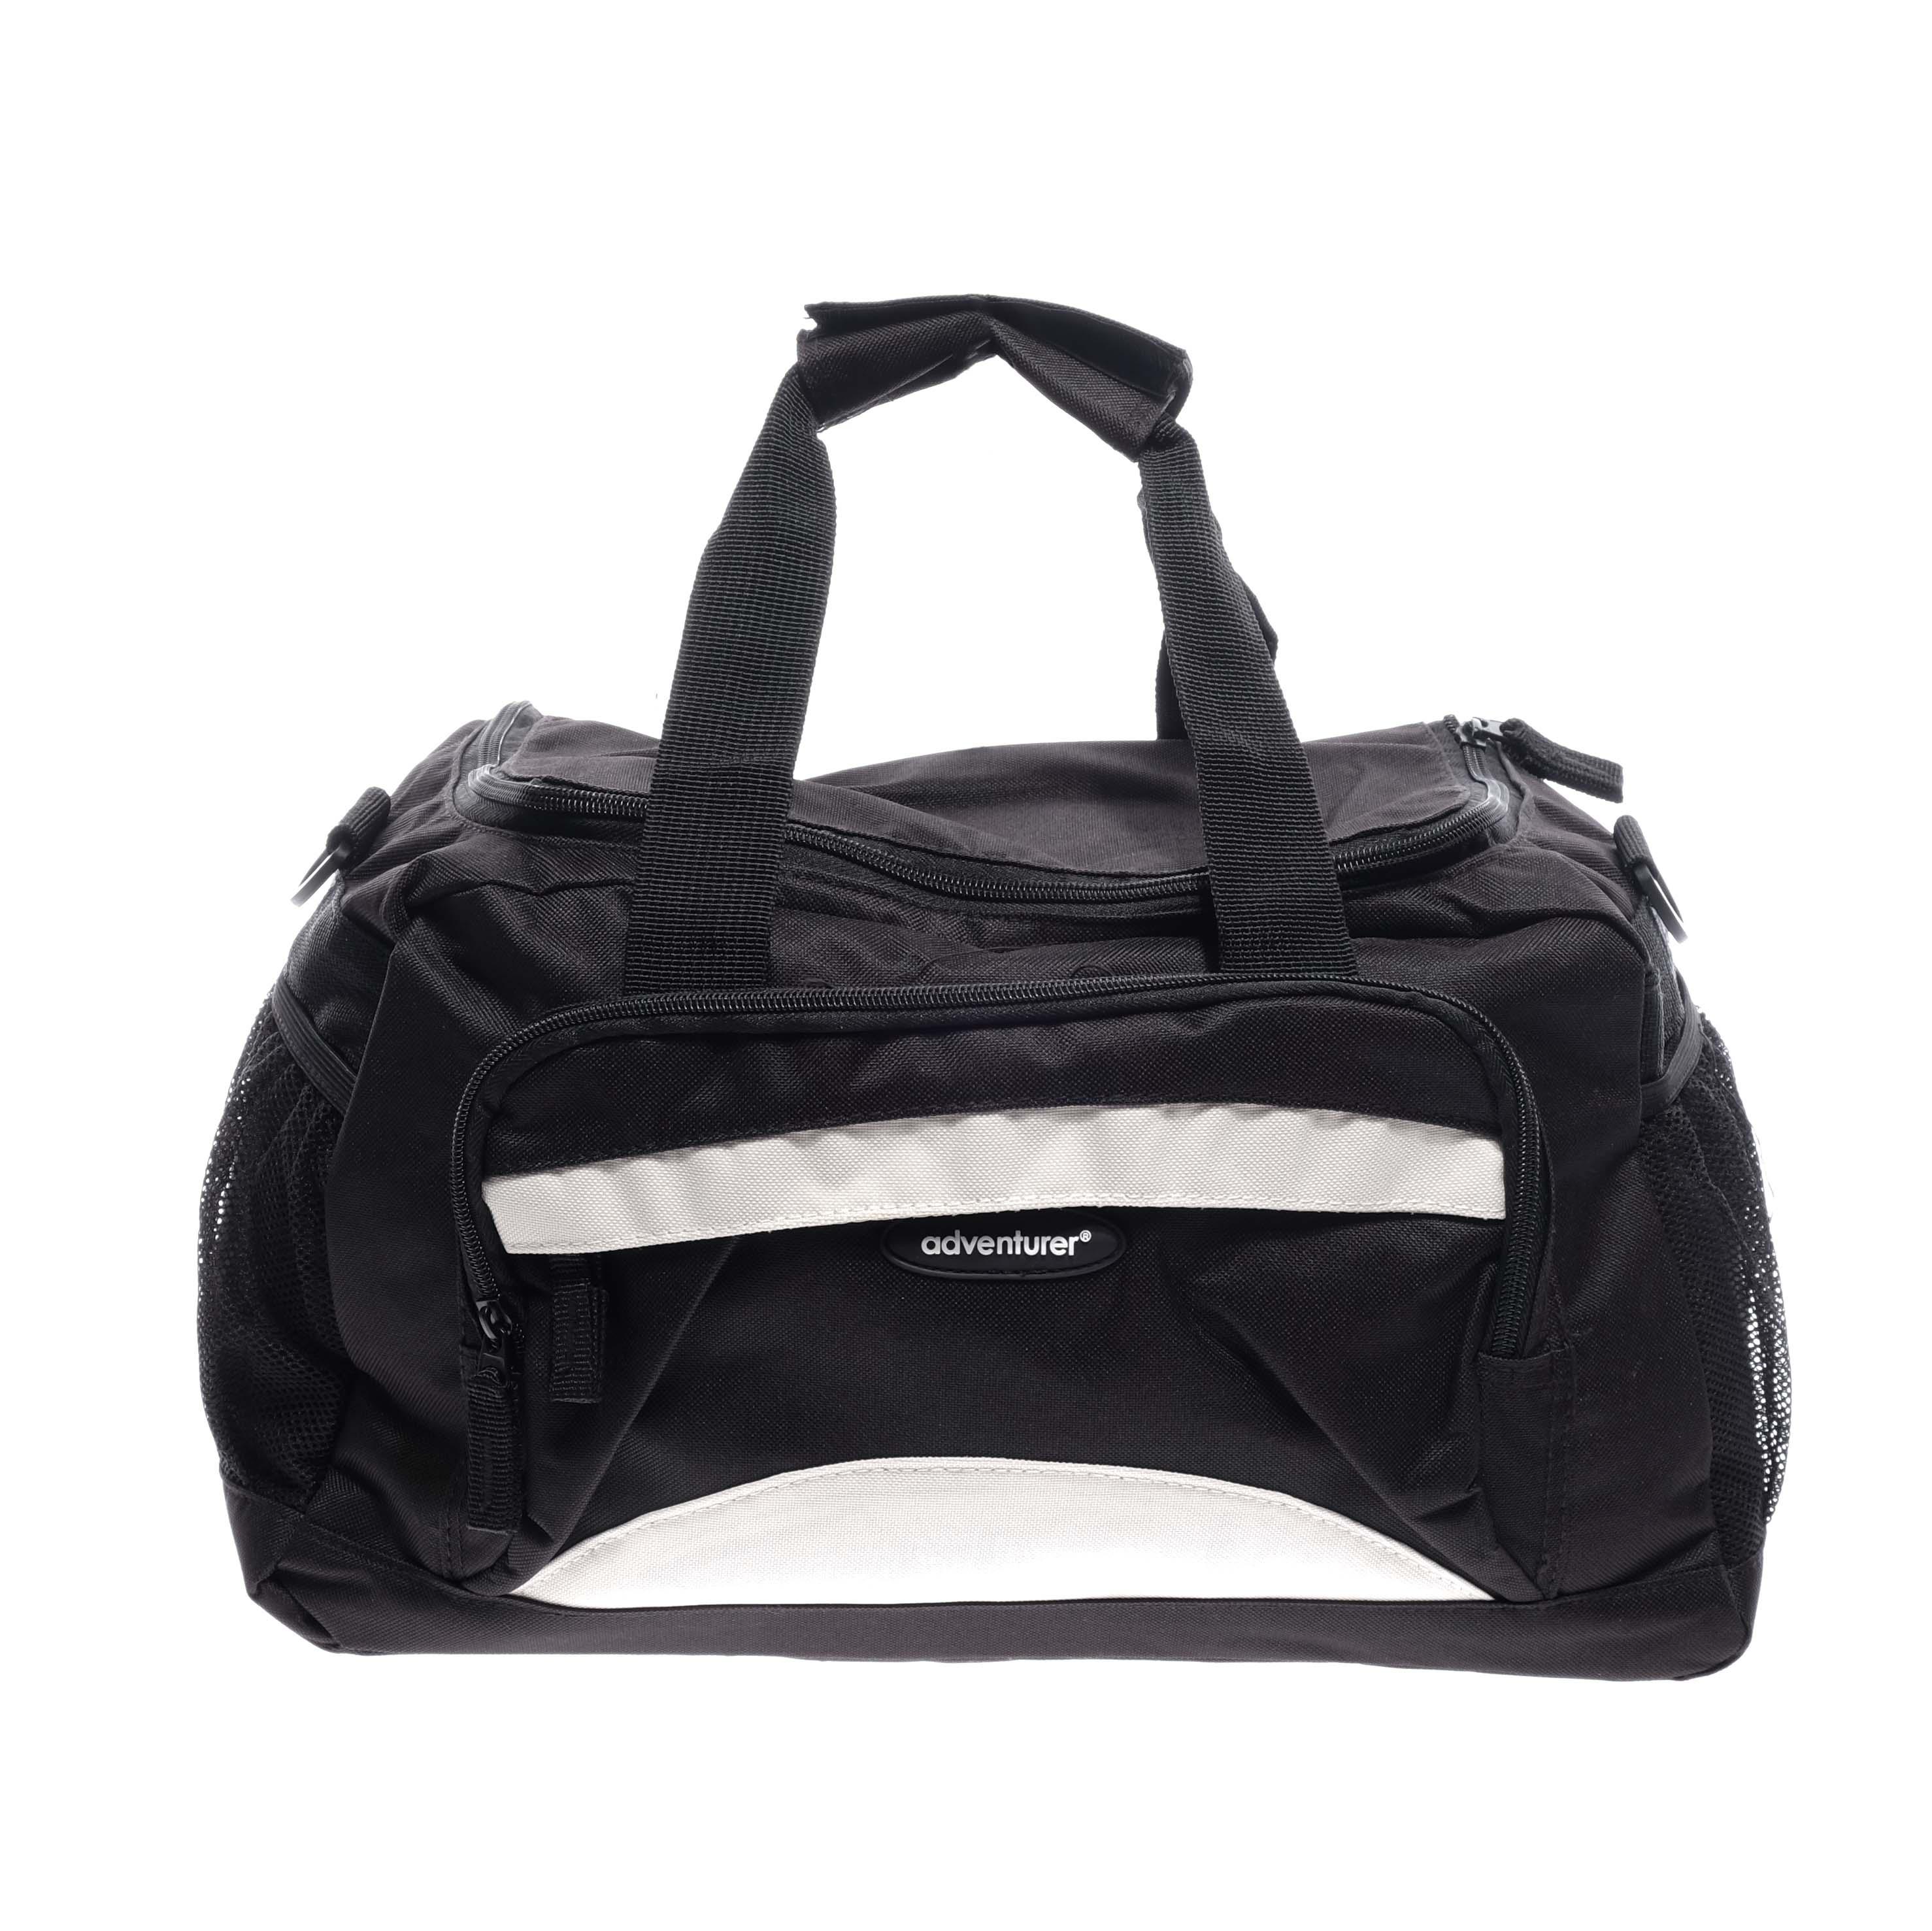 641e0038600c Adventurer Fekete/Fehér kismeret Sporttáska - KIS MÉRETŰ UTAZÓTÁSKA - Táska  webáruház - Minőségi táskák mindenkinek